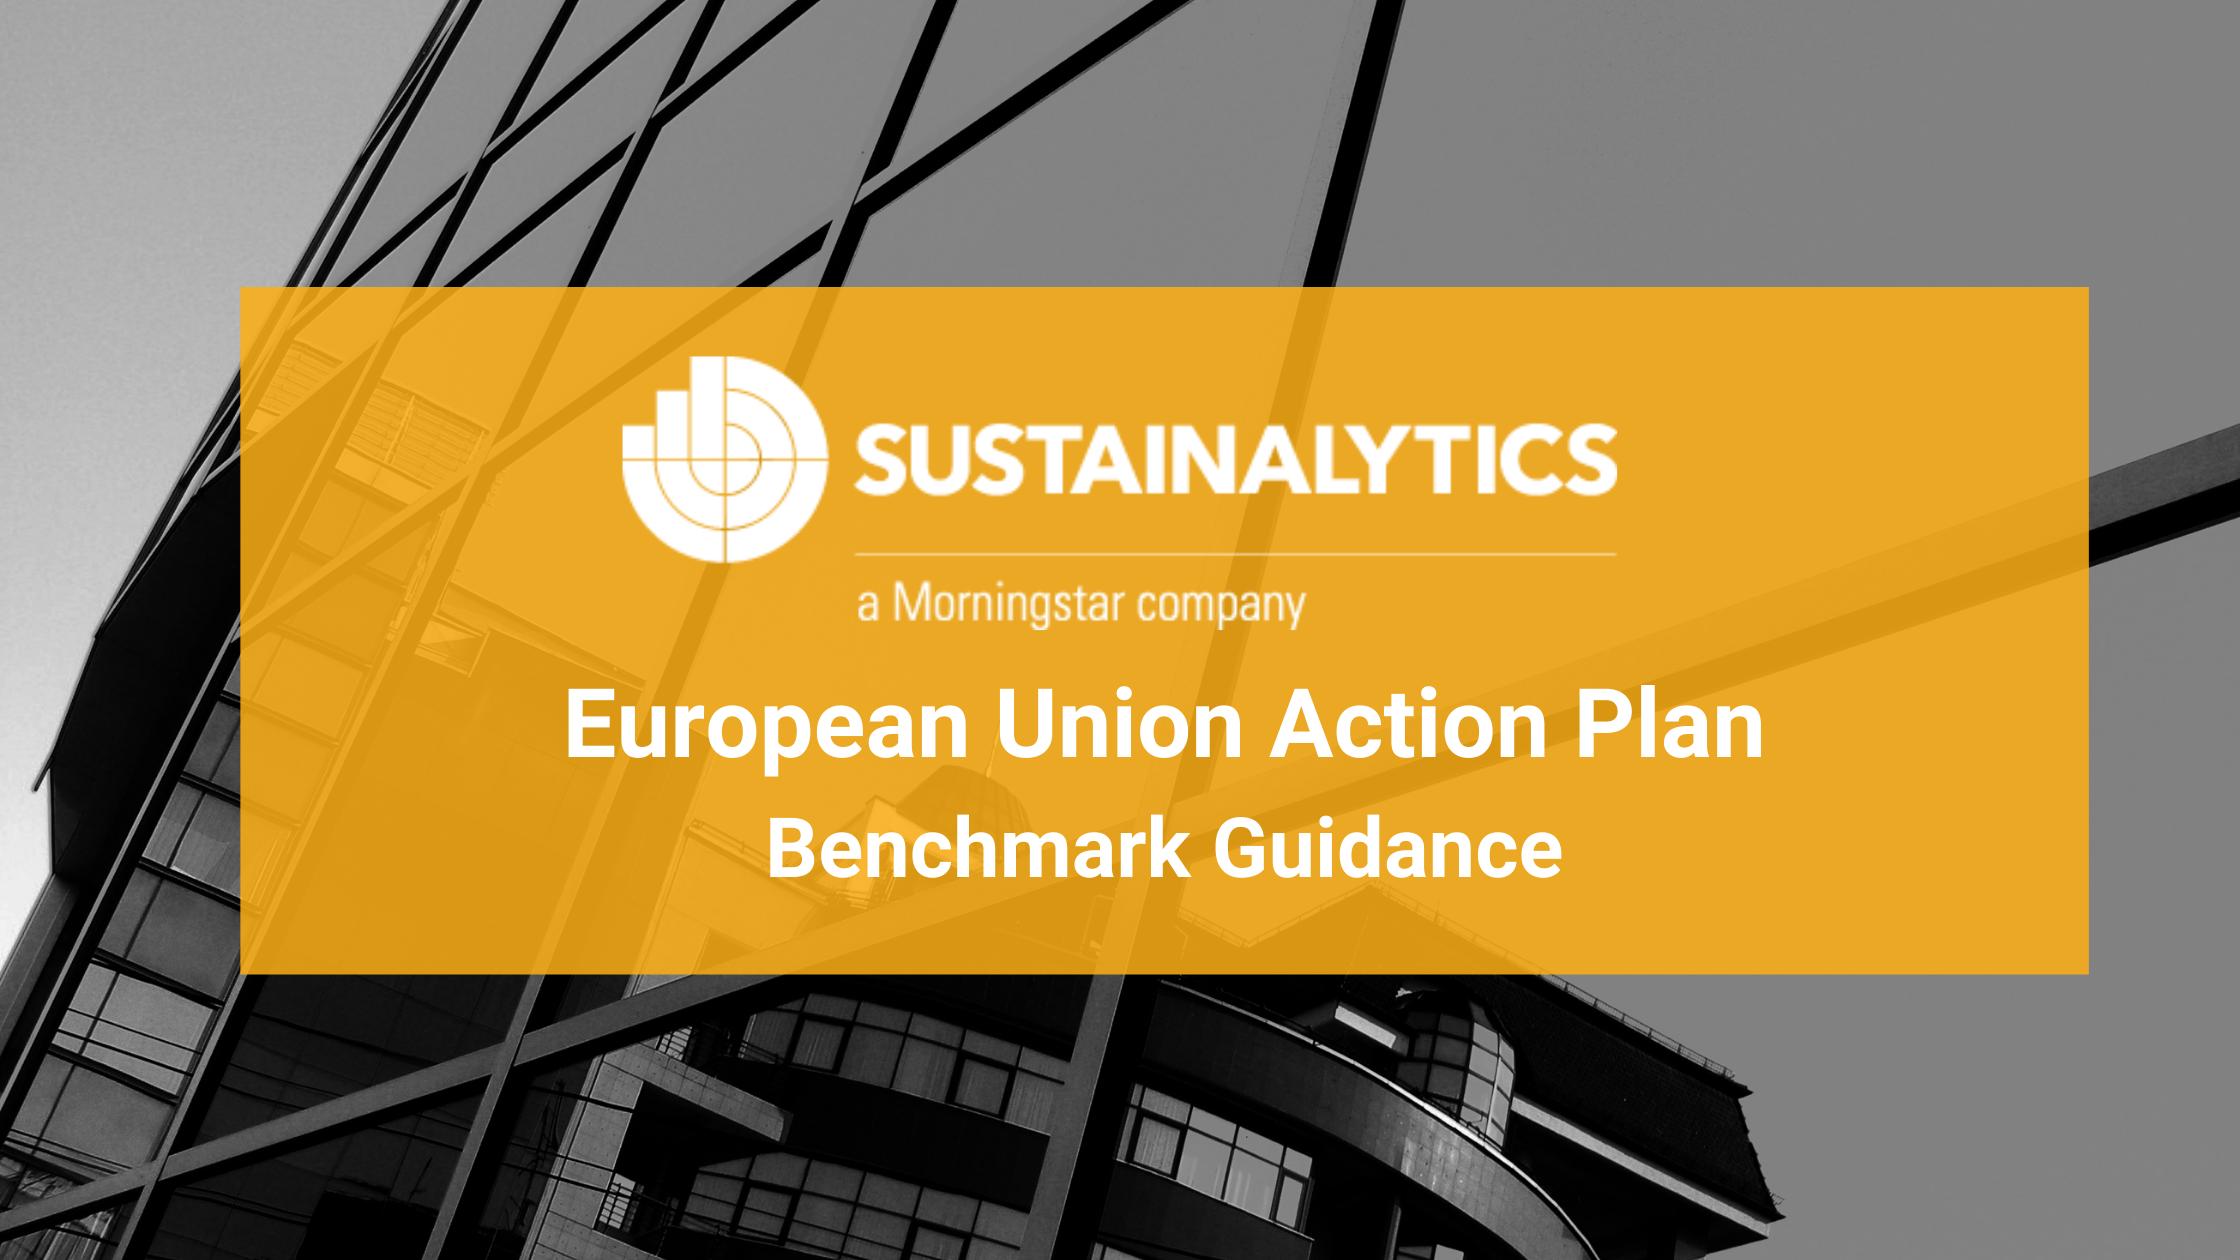 eu action plan benchmark guide (1)